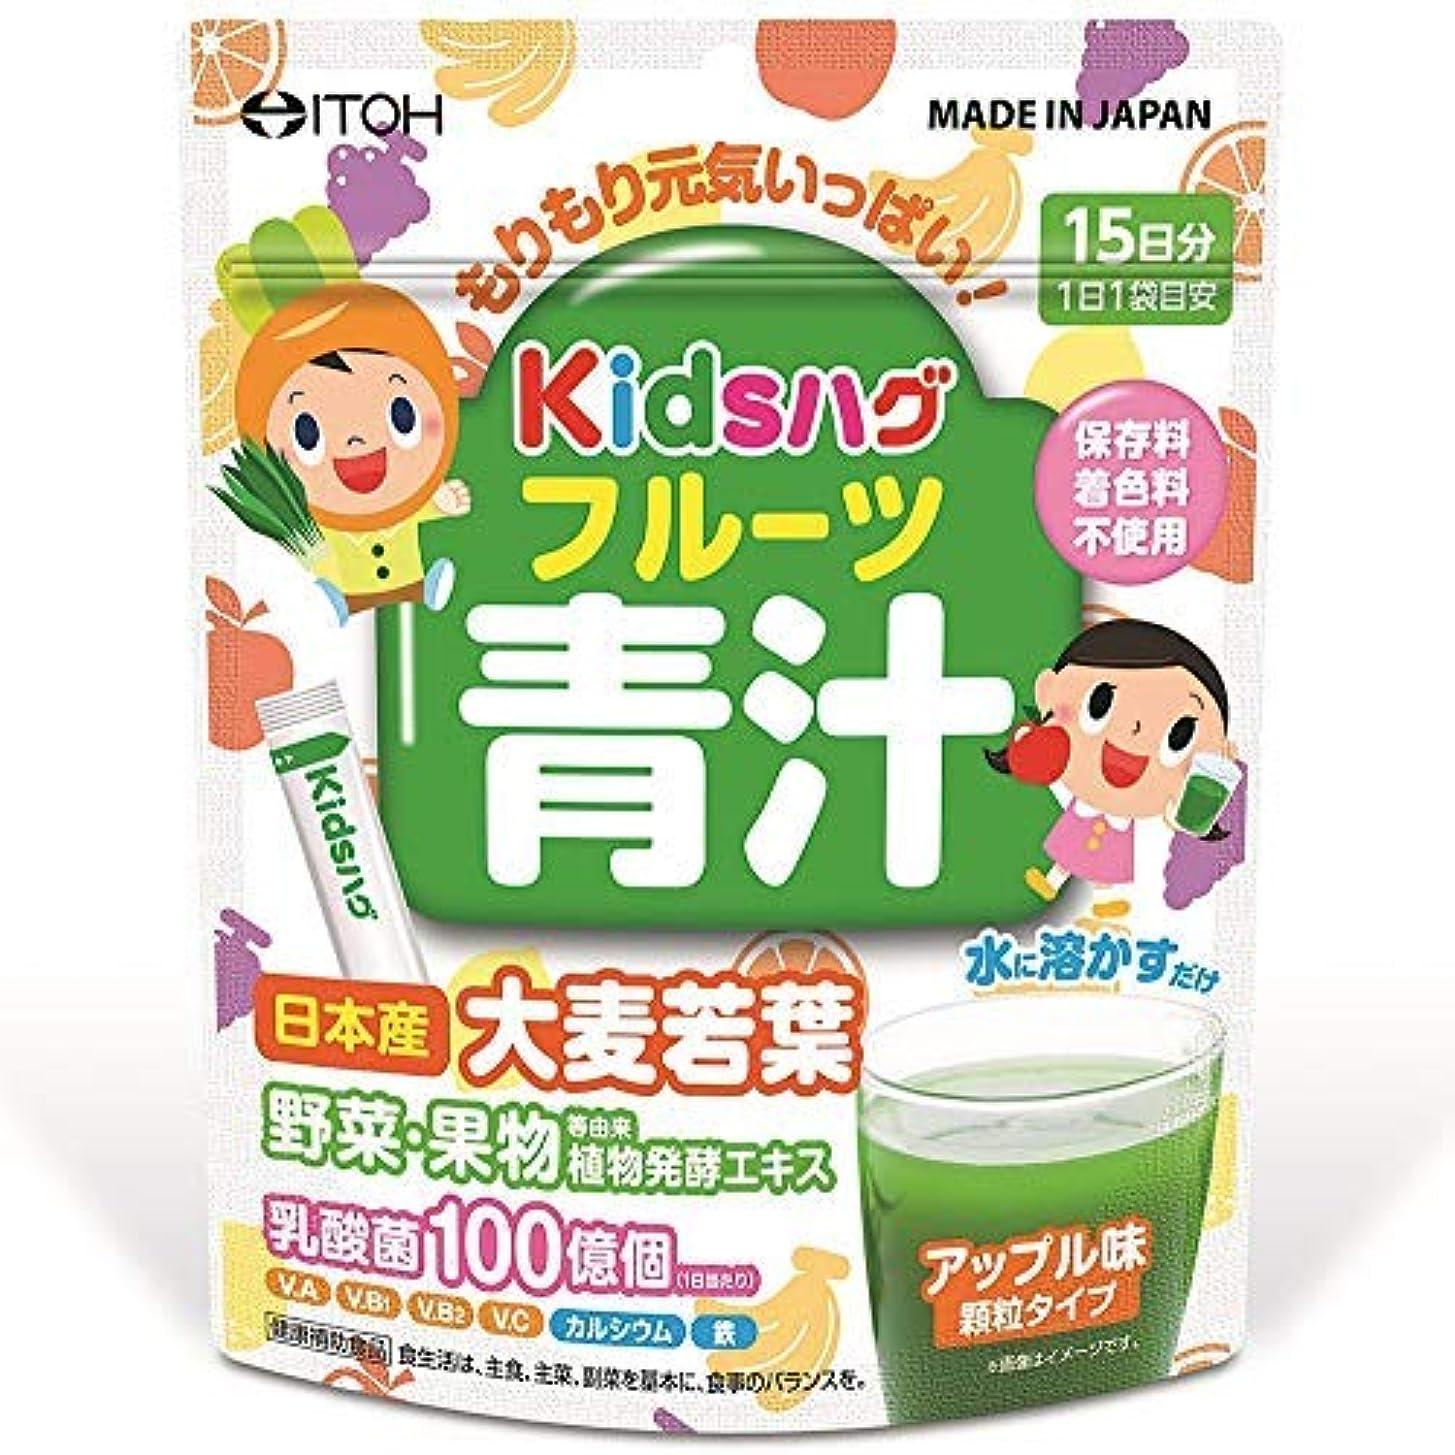 のため聴衆胚【井藤漢方】 キッズハグフルーツ青汁 (2g×15袋)×5